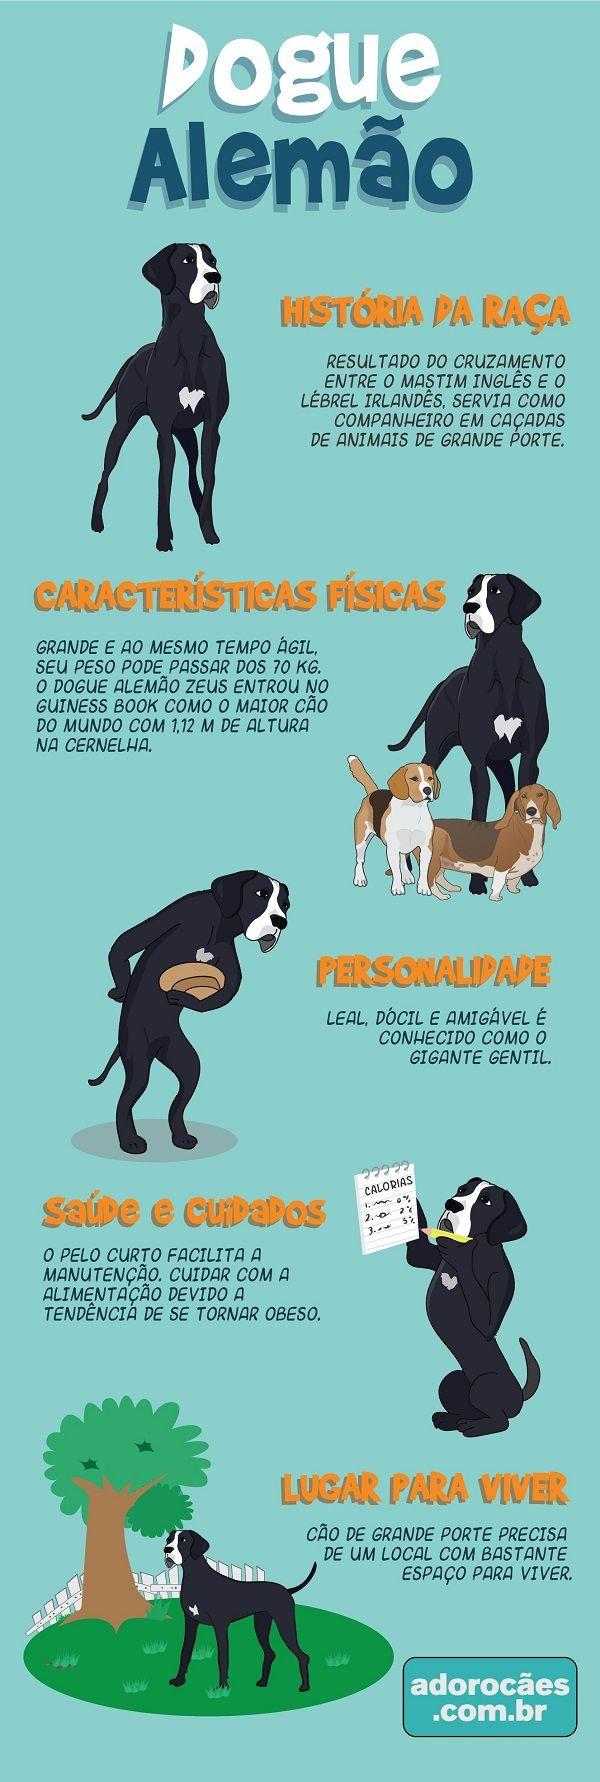 Dogue alemão: história da raça, características físicas, personalidade, temperamento, saúde e cuidados, lugar para viver